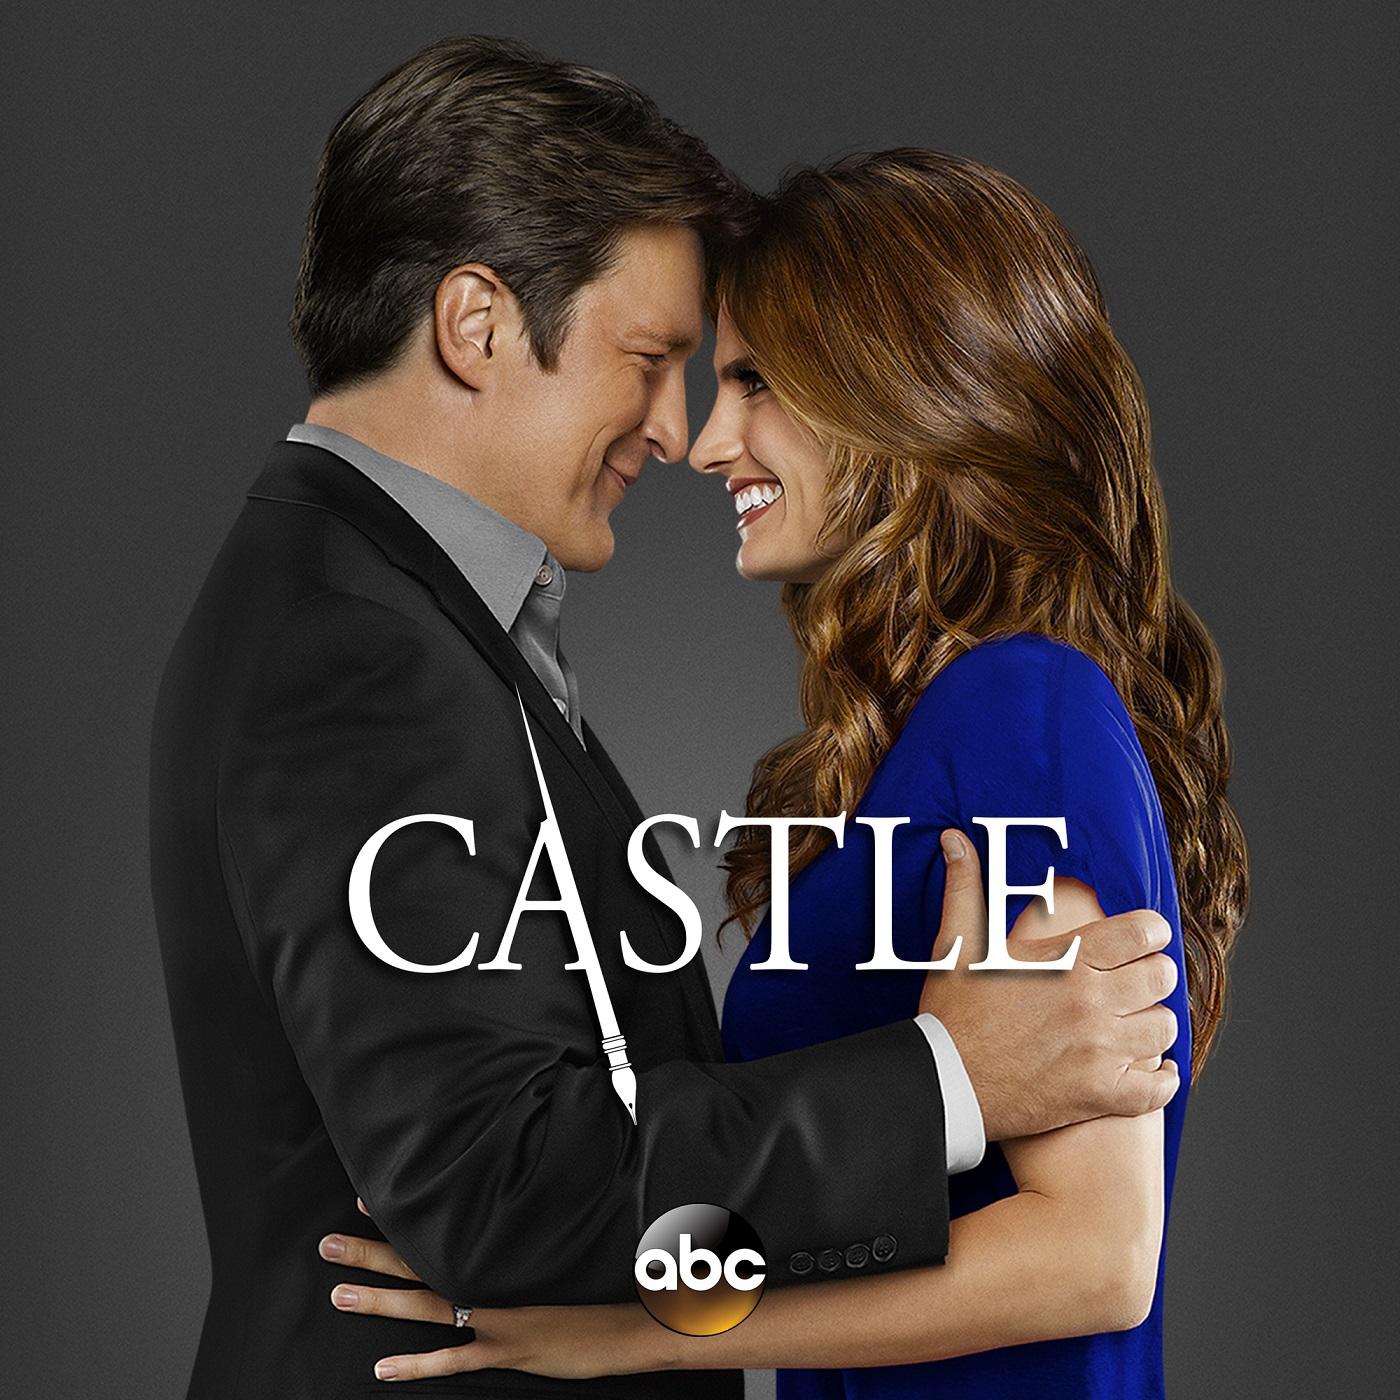 Castle Seasons 01-07   S07E01-E10 HDTV   720P 97g3